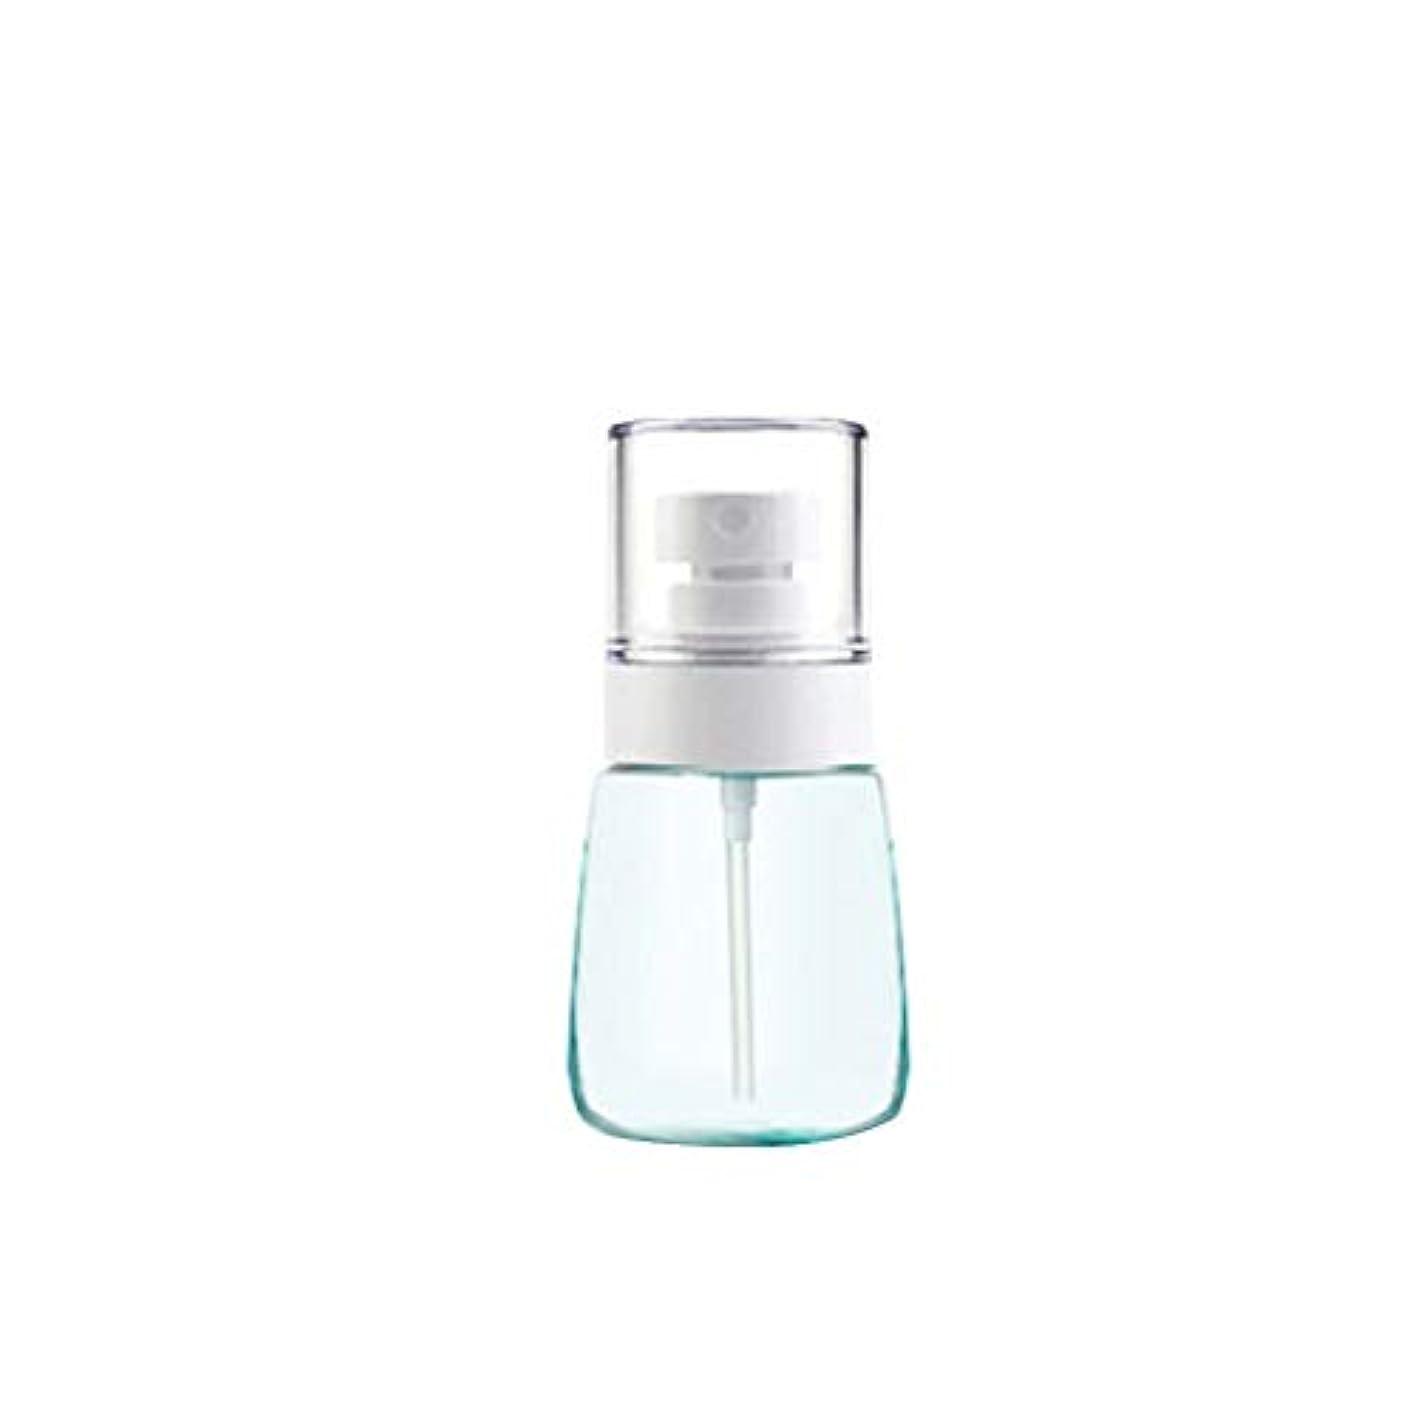 の中で飛ぶ非常にエアレスボトル化粧品の細かいミストスプレーボトル空ボトルスプレークリアインフレータブル旅行用バッグ、化粧品スキンローション香水1オンス(青)